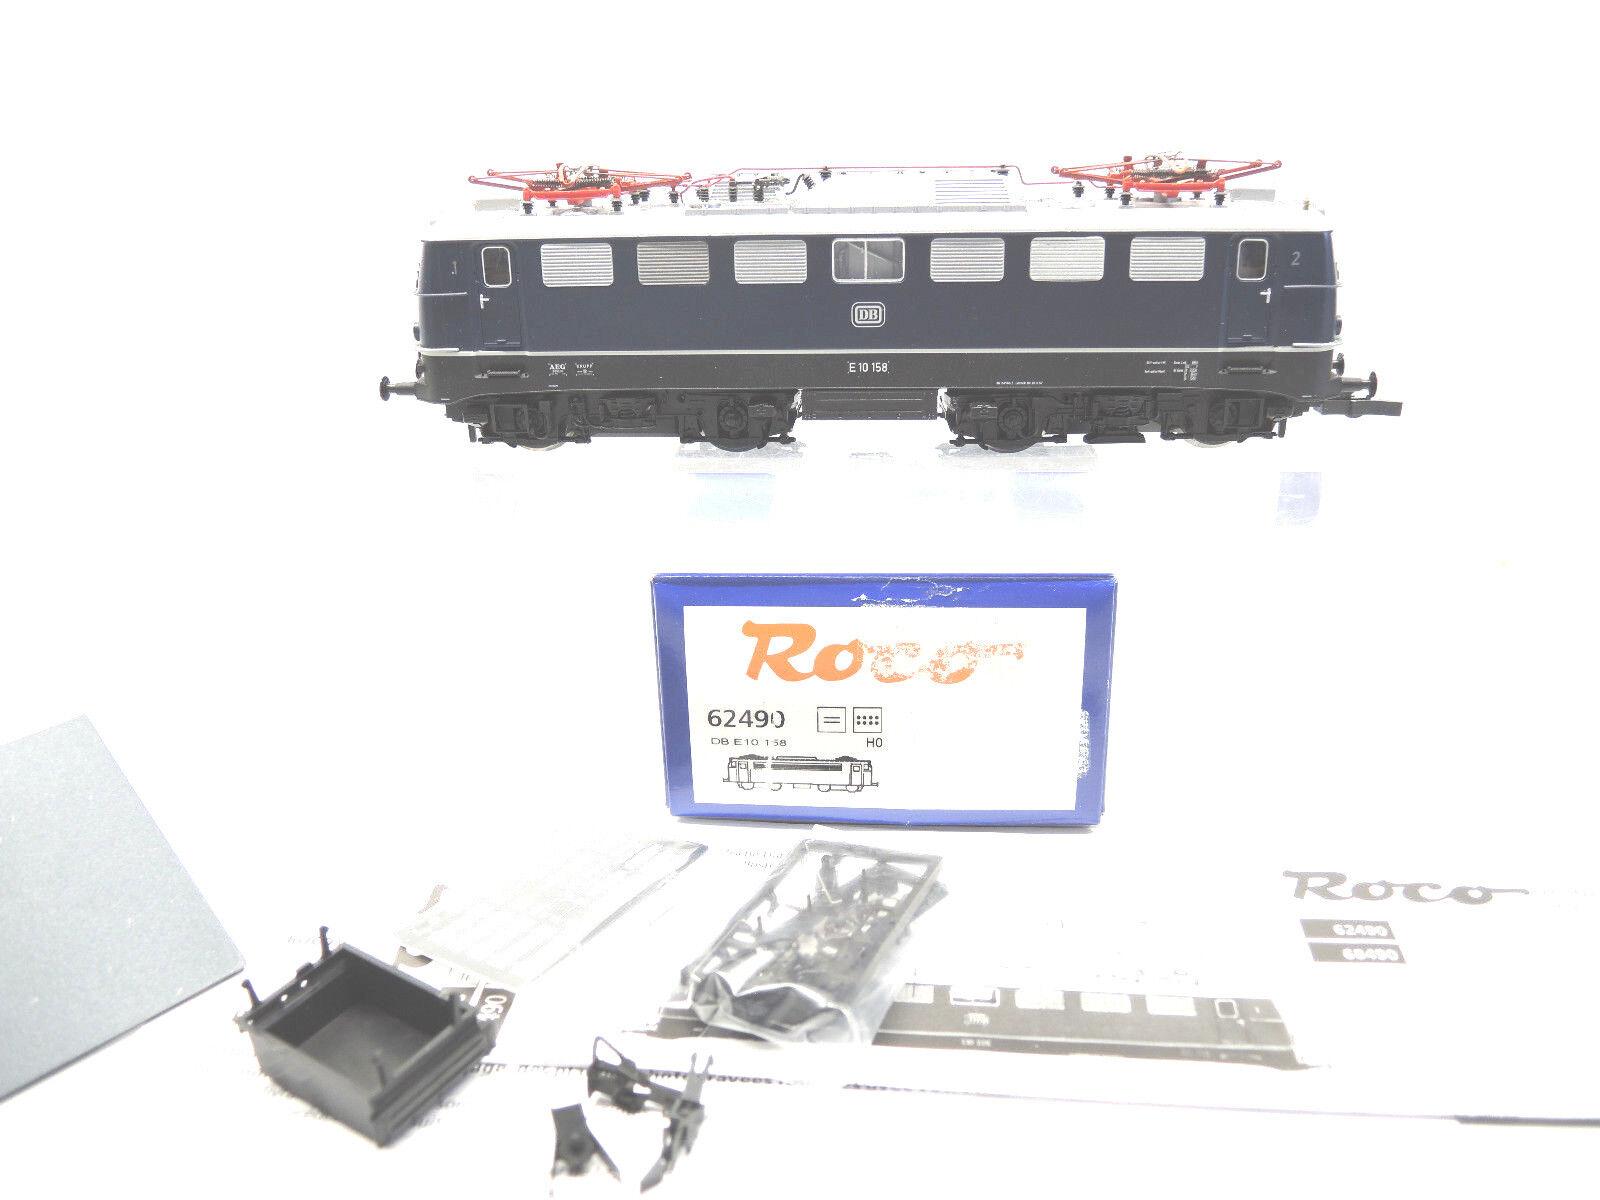 ROCO 62490 E-Lok, br e10 158 della DB, blu, digitale, digitale, digitale, ESU, TOP, OVP  36  44b76c